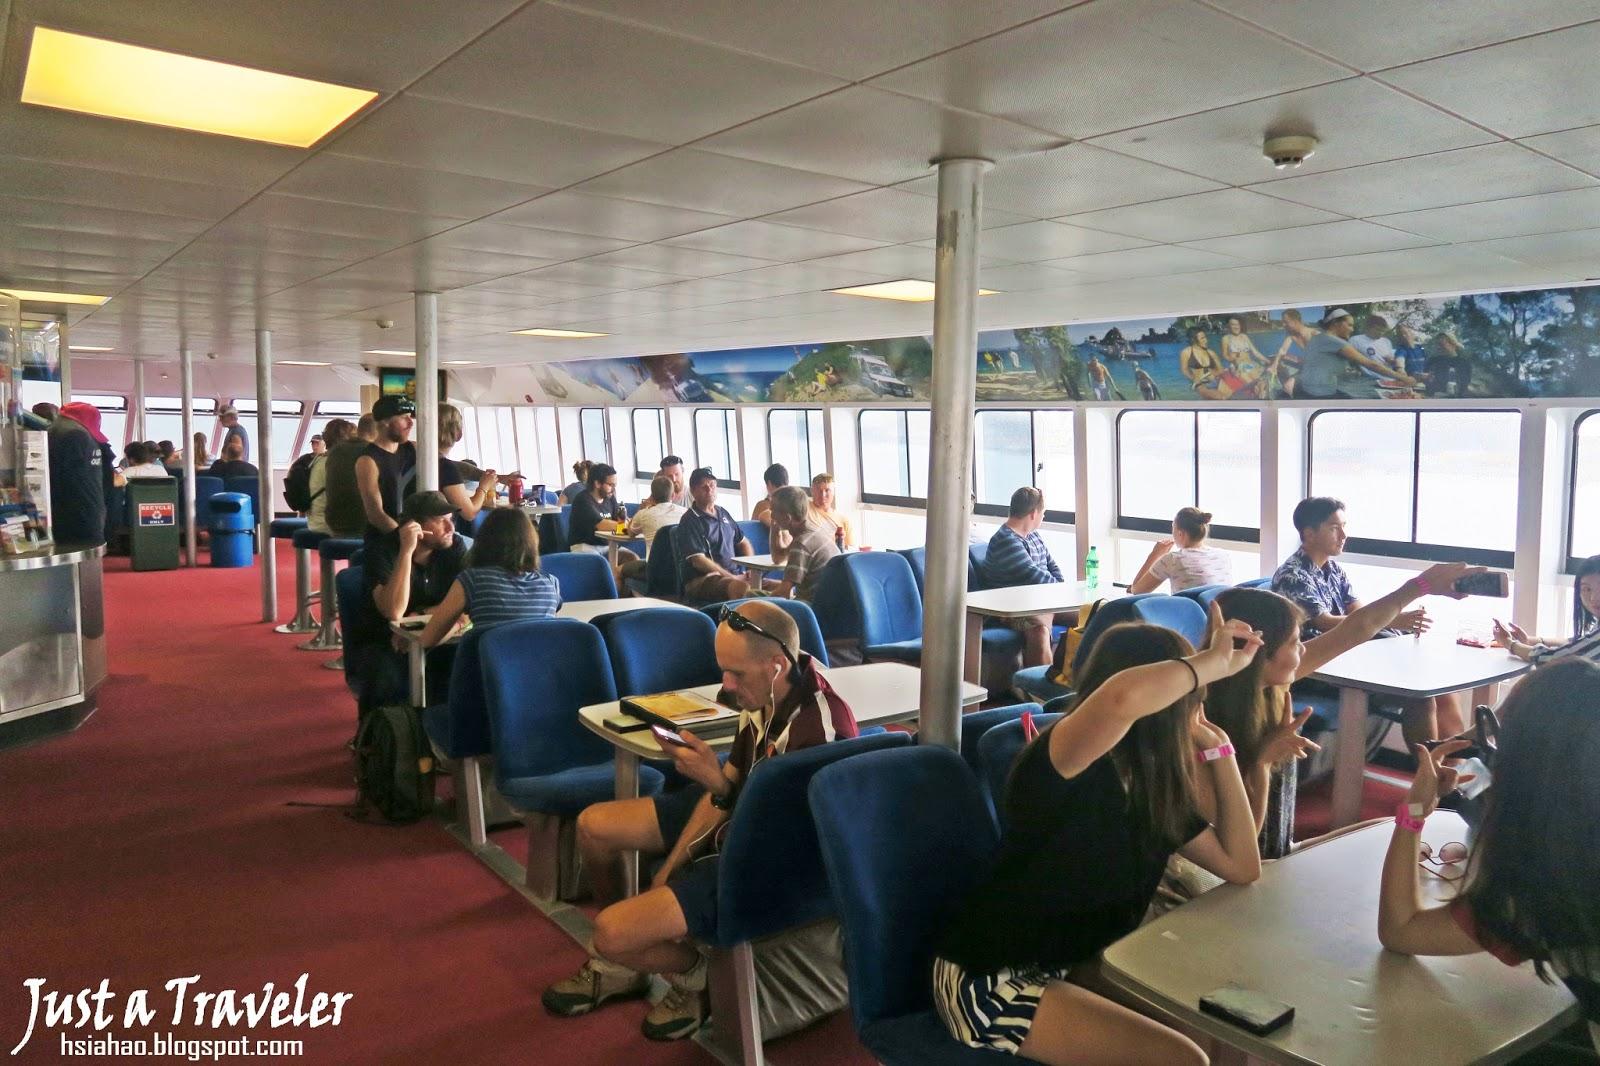 布里斯本-摩頓島-渡輪-Ferry-景點-交通-住宿-推薦-旅遊-自由行-澳洲-Brisbane-Moreton-Island-Tourist-Attraction-Travel-Australia